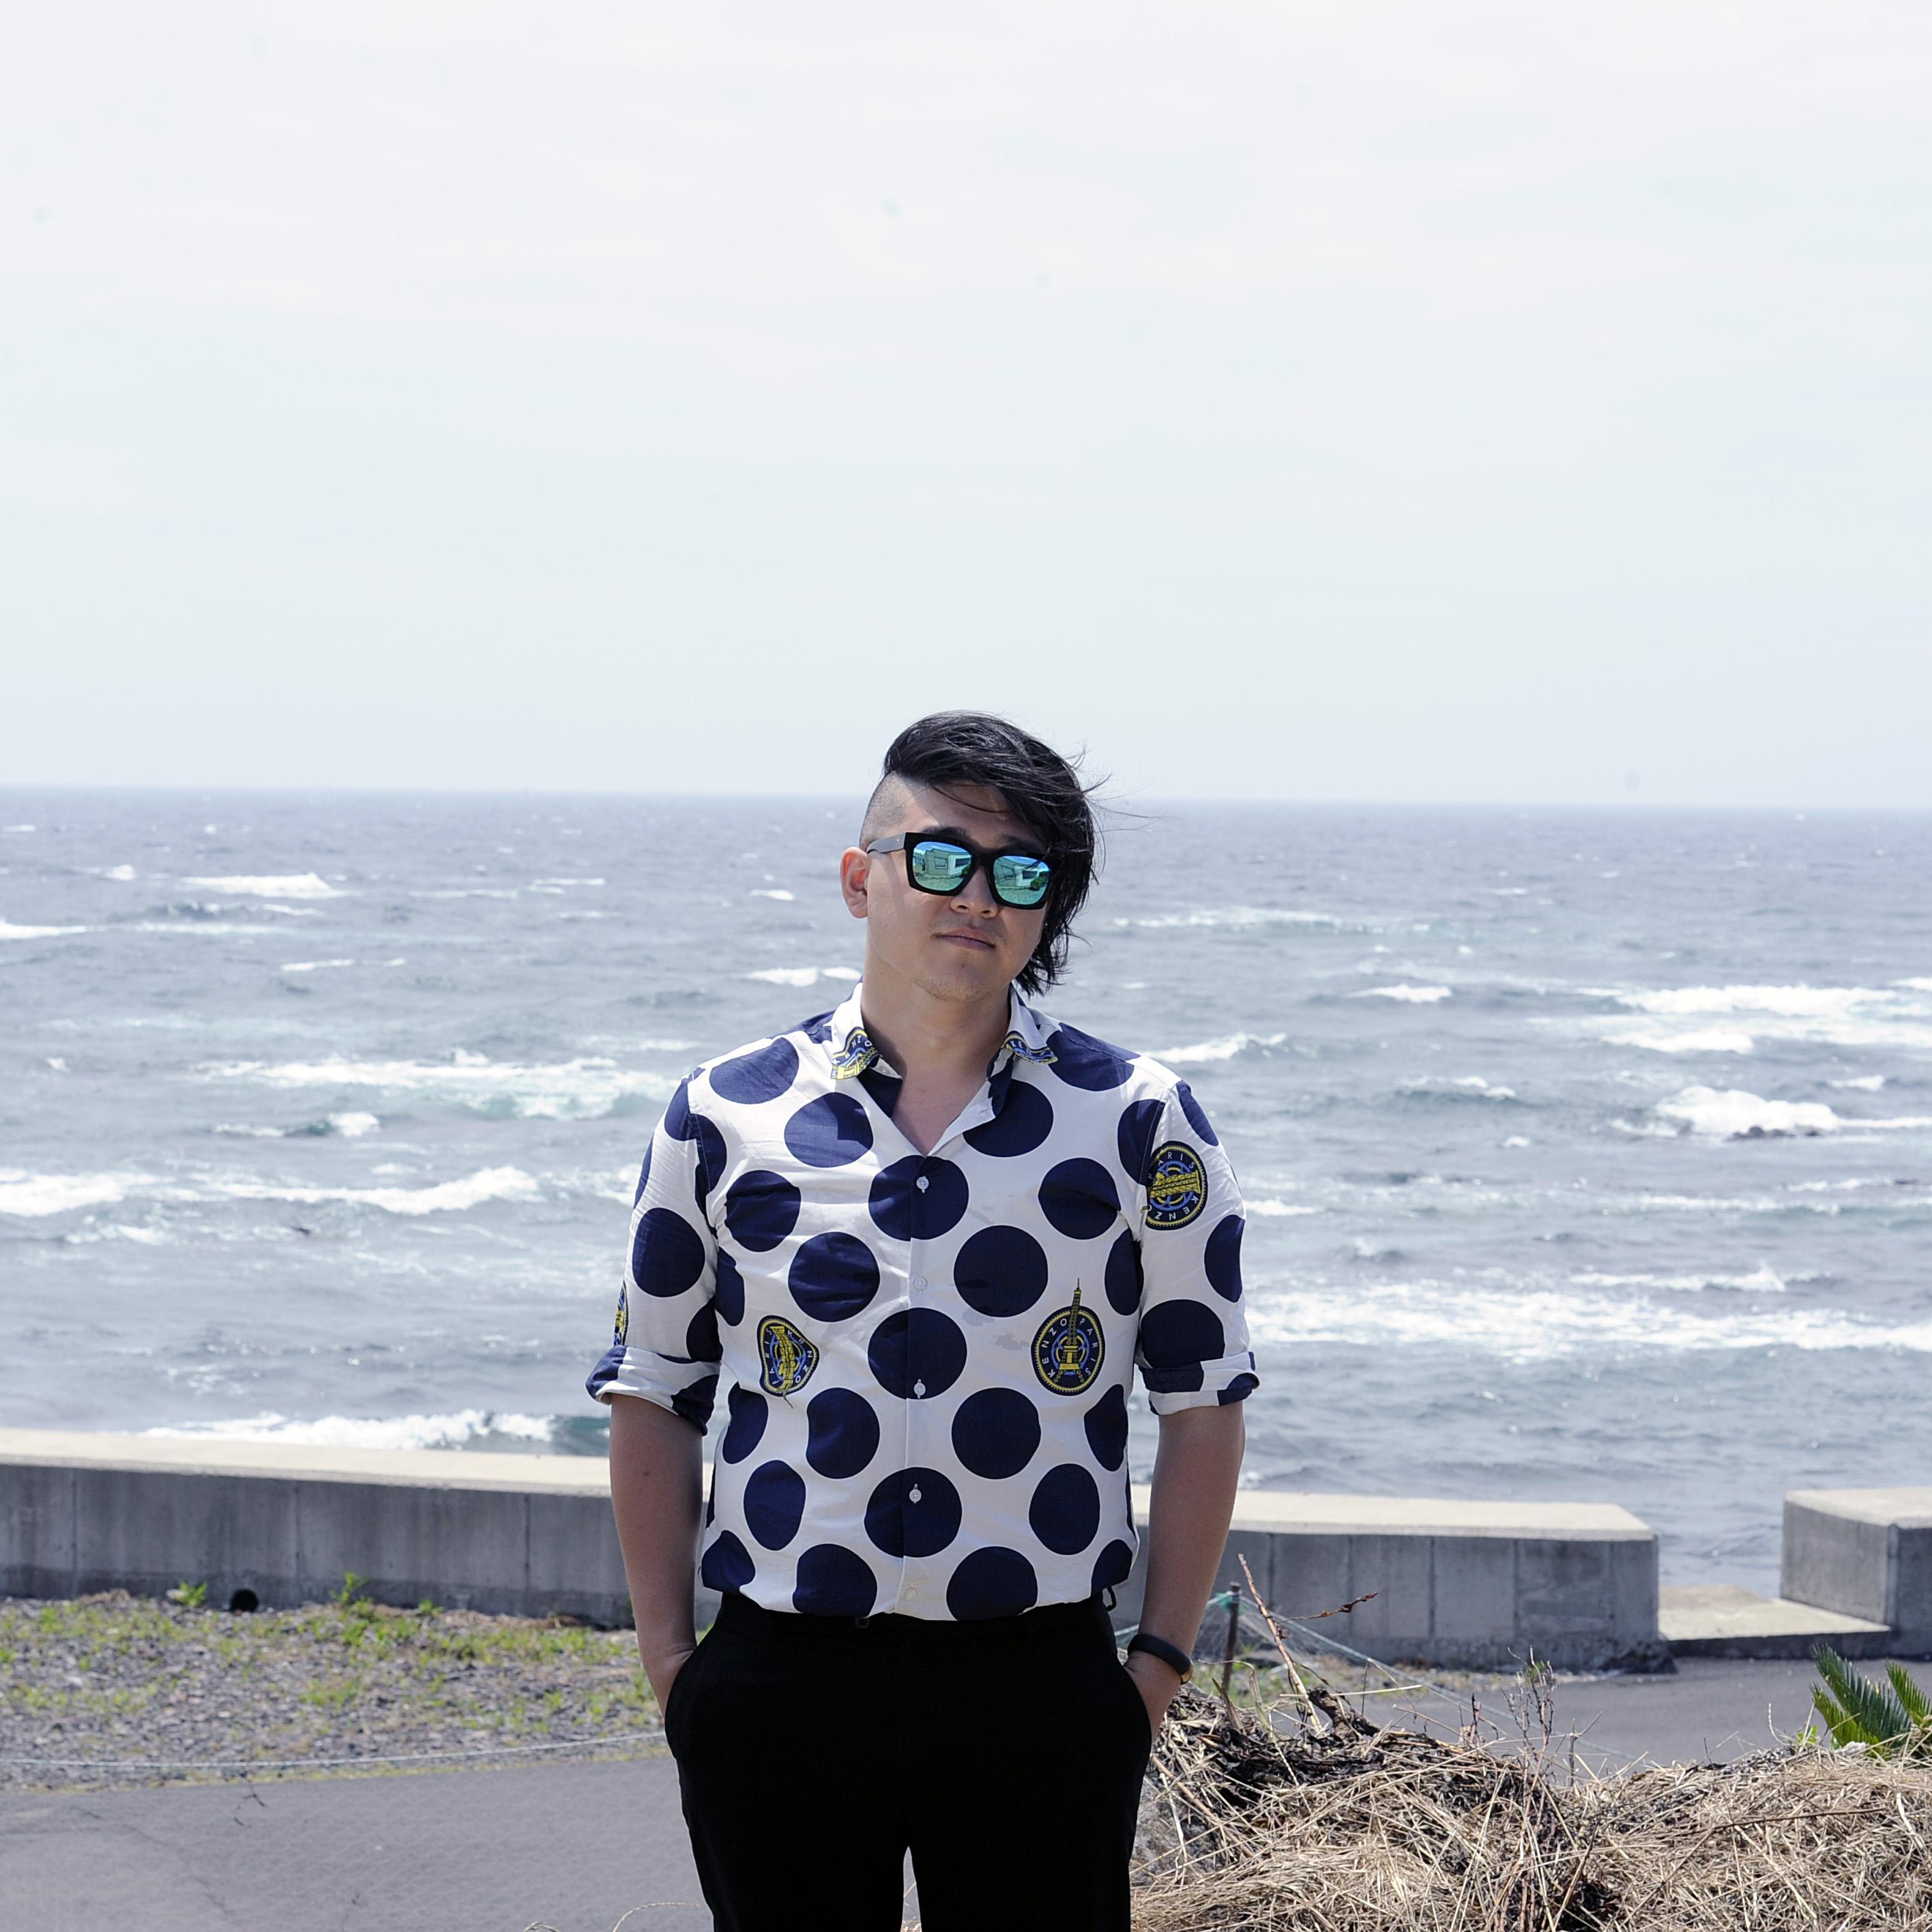 J K photo